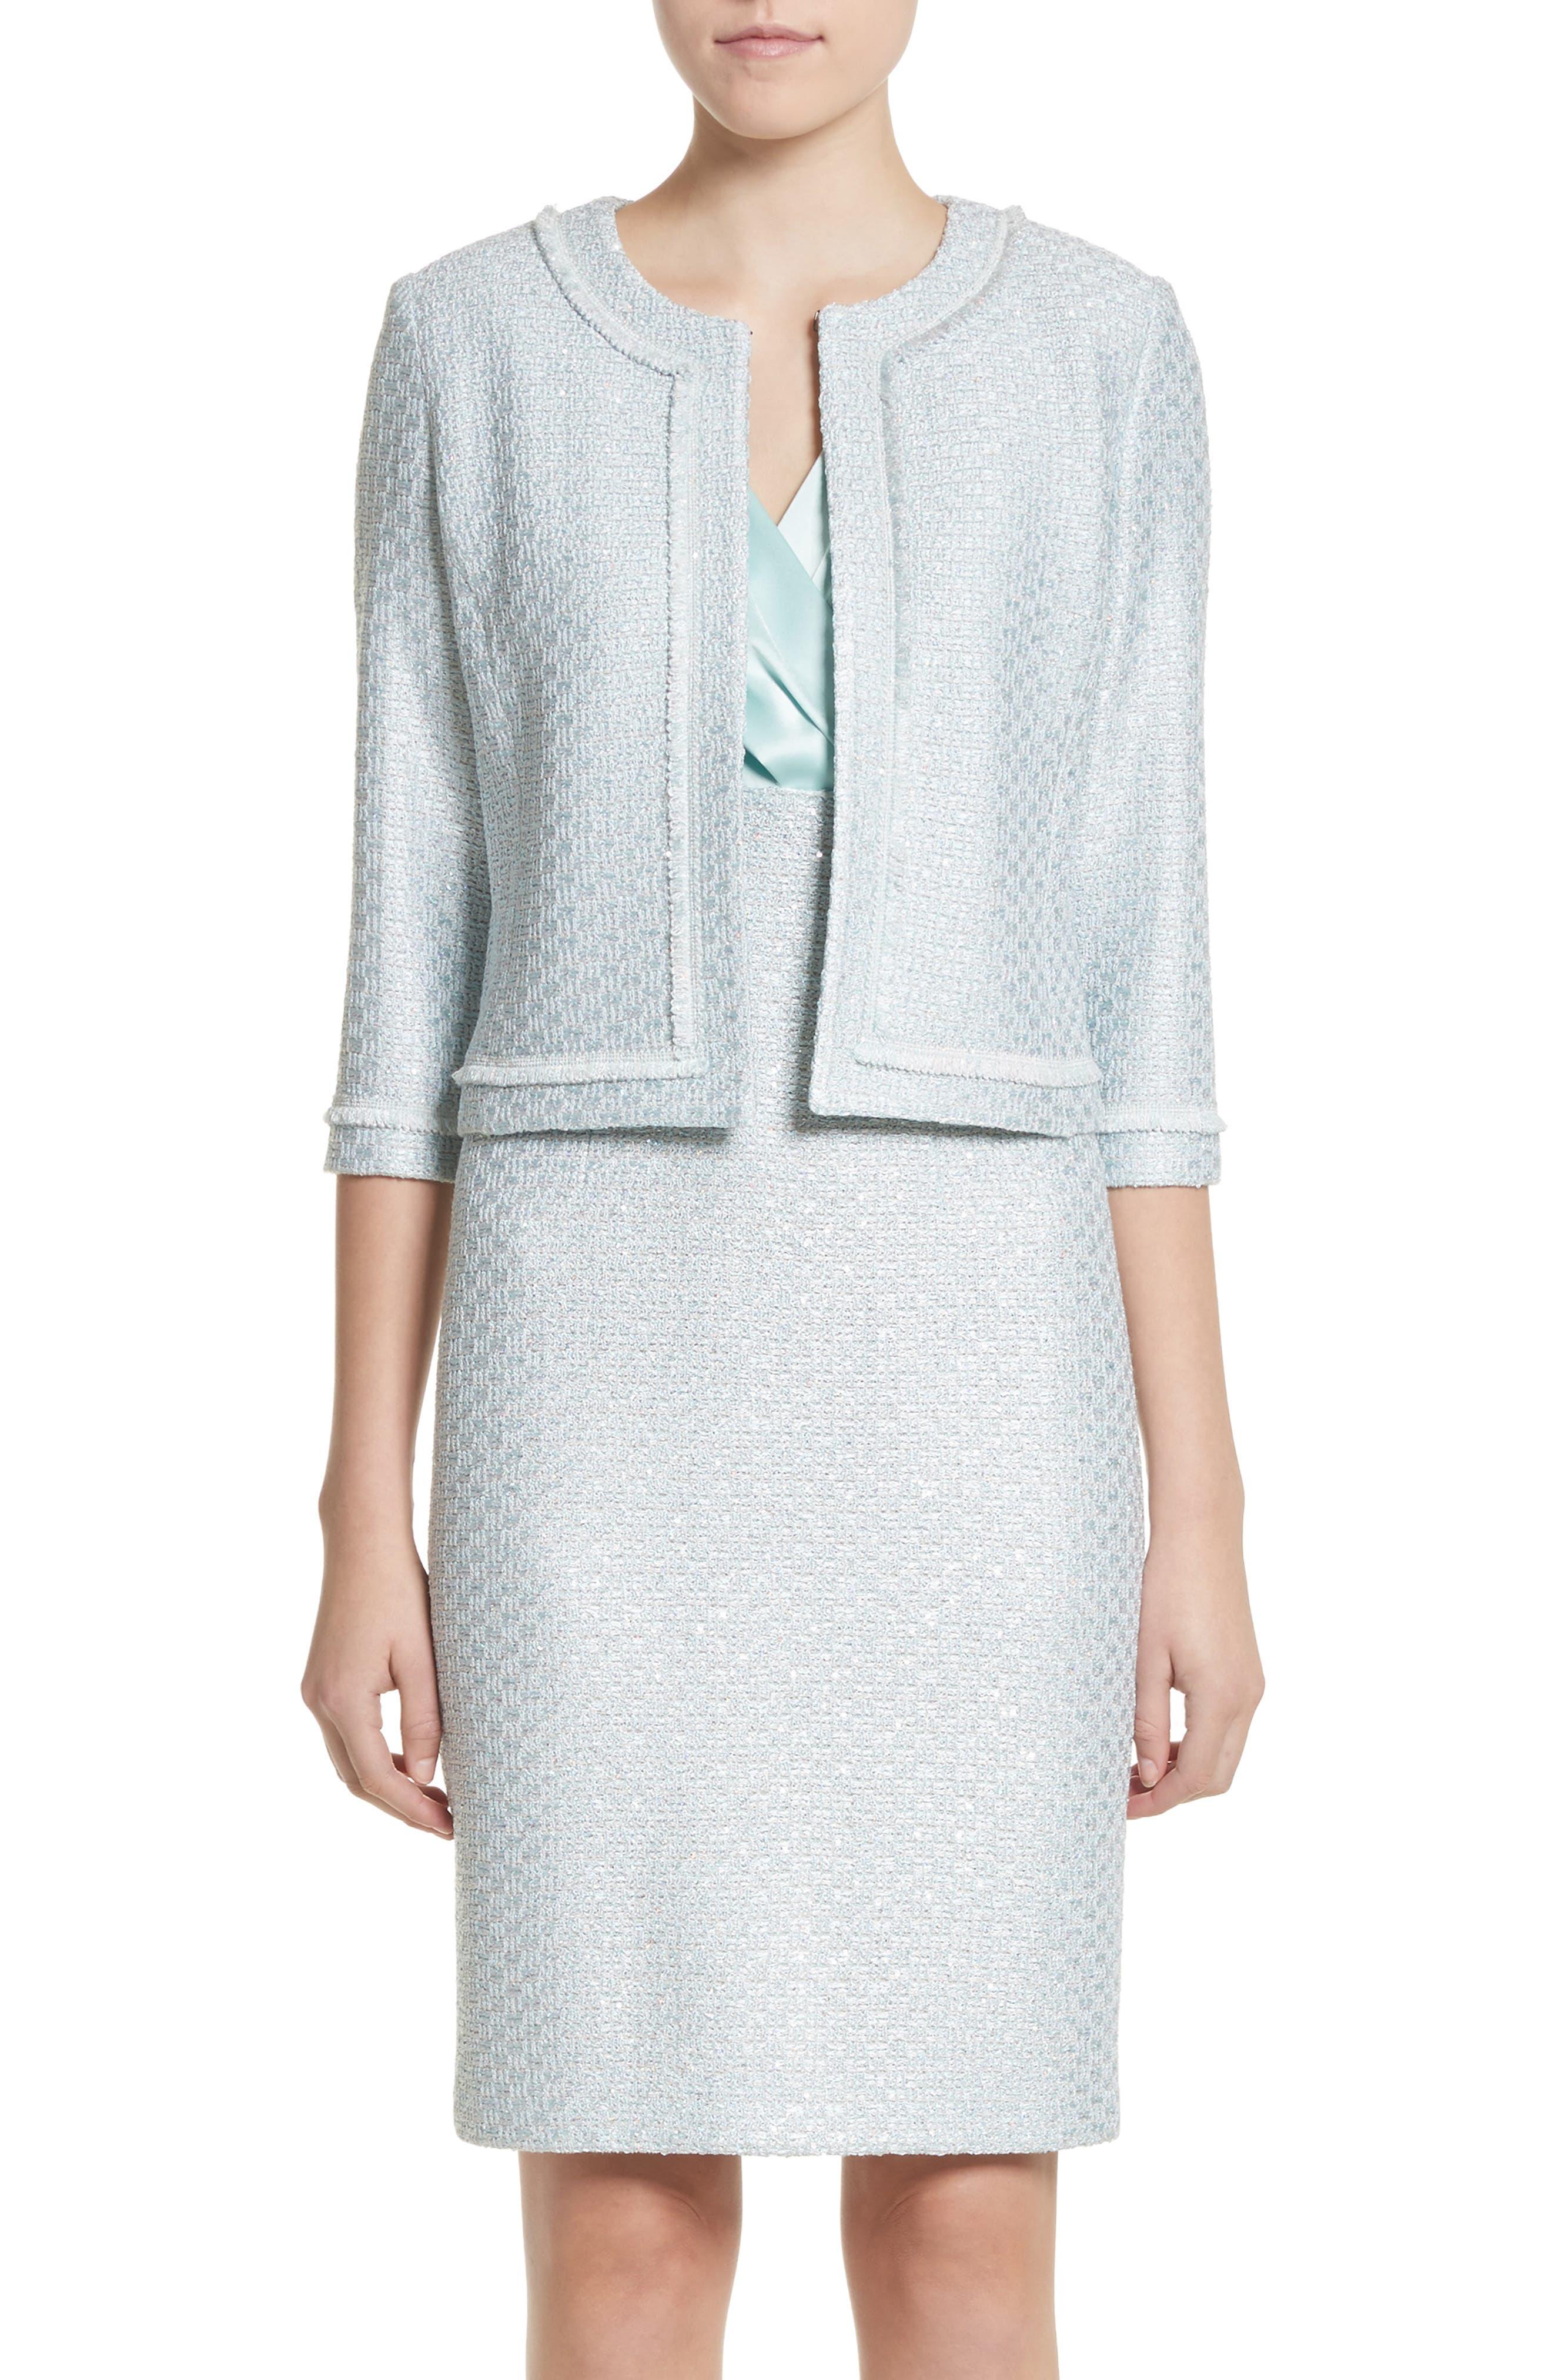 Hansh Sequin Knit Jacket,                         Main,                         color, Mint